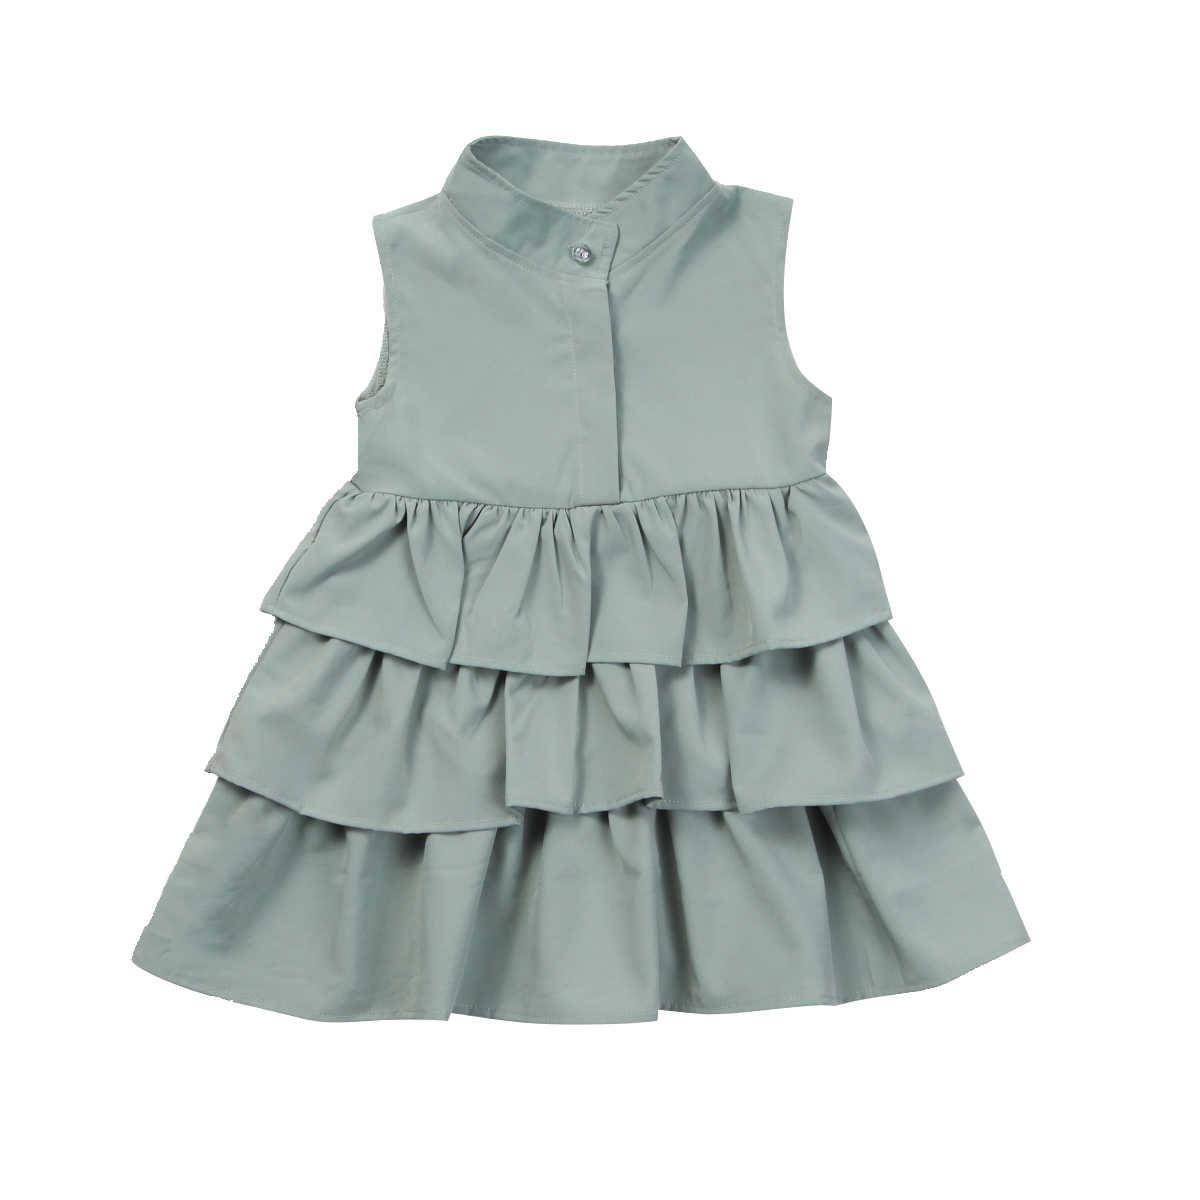 Venta caliente recién nacido chico bebé niñas vestido fiesta desfile pastel de la colmena Tutu vestidos sin mangas burbuja lindo vestido ropa 1-6Years